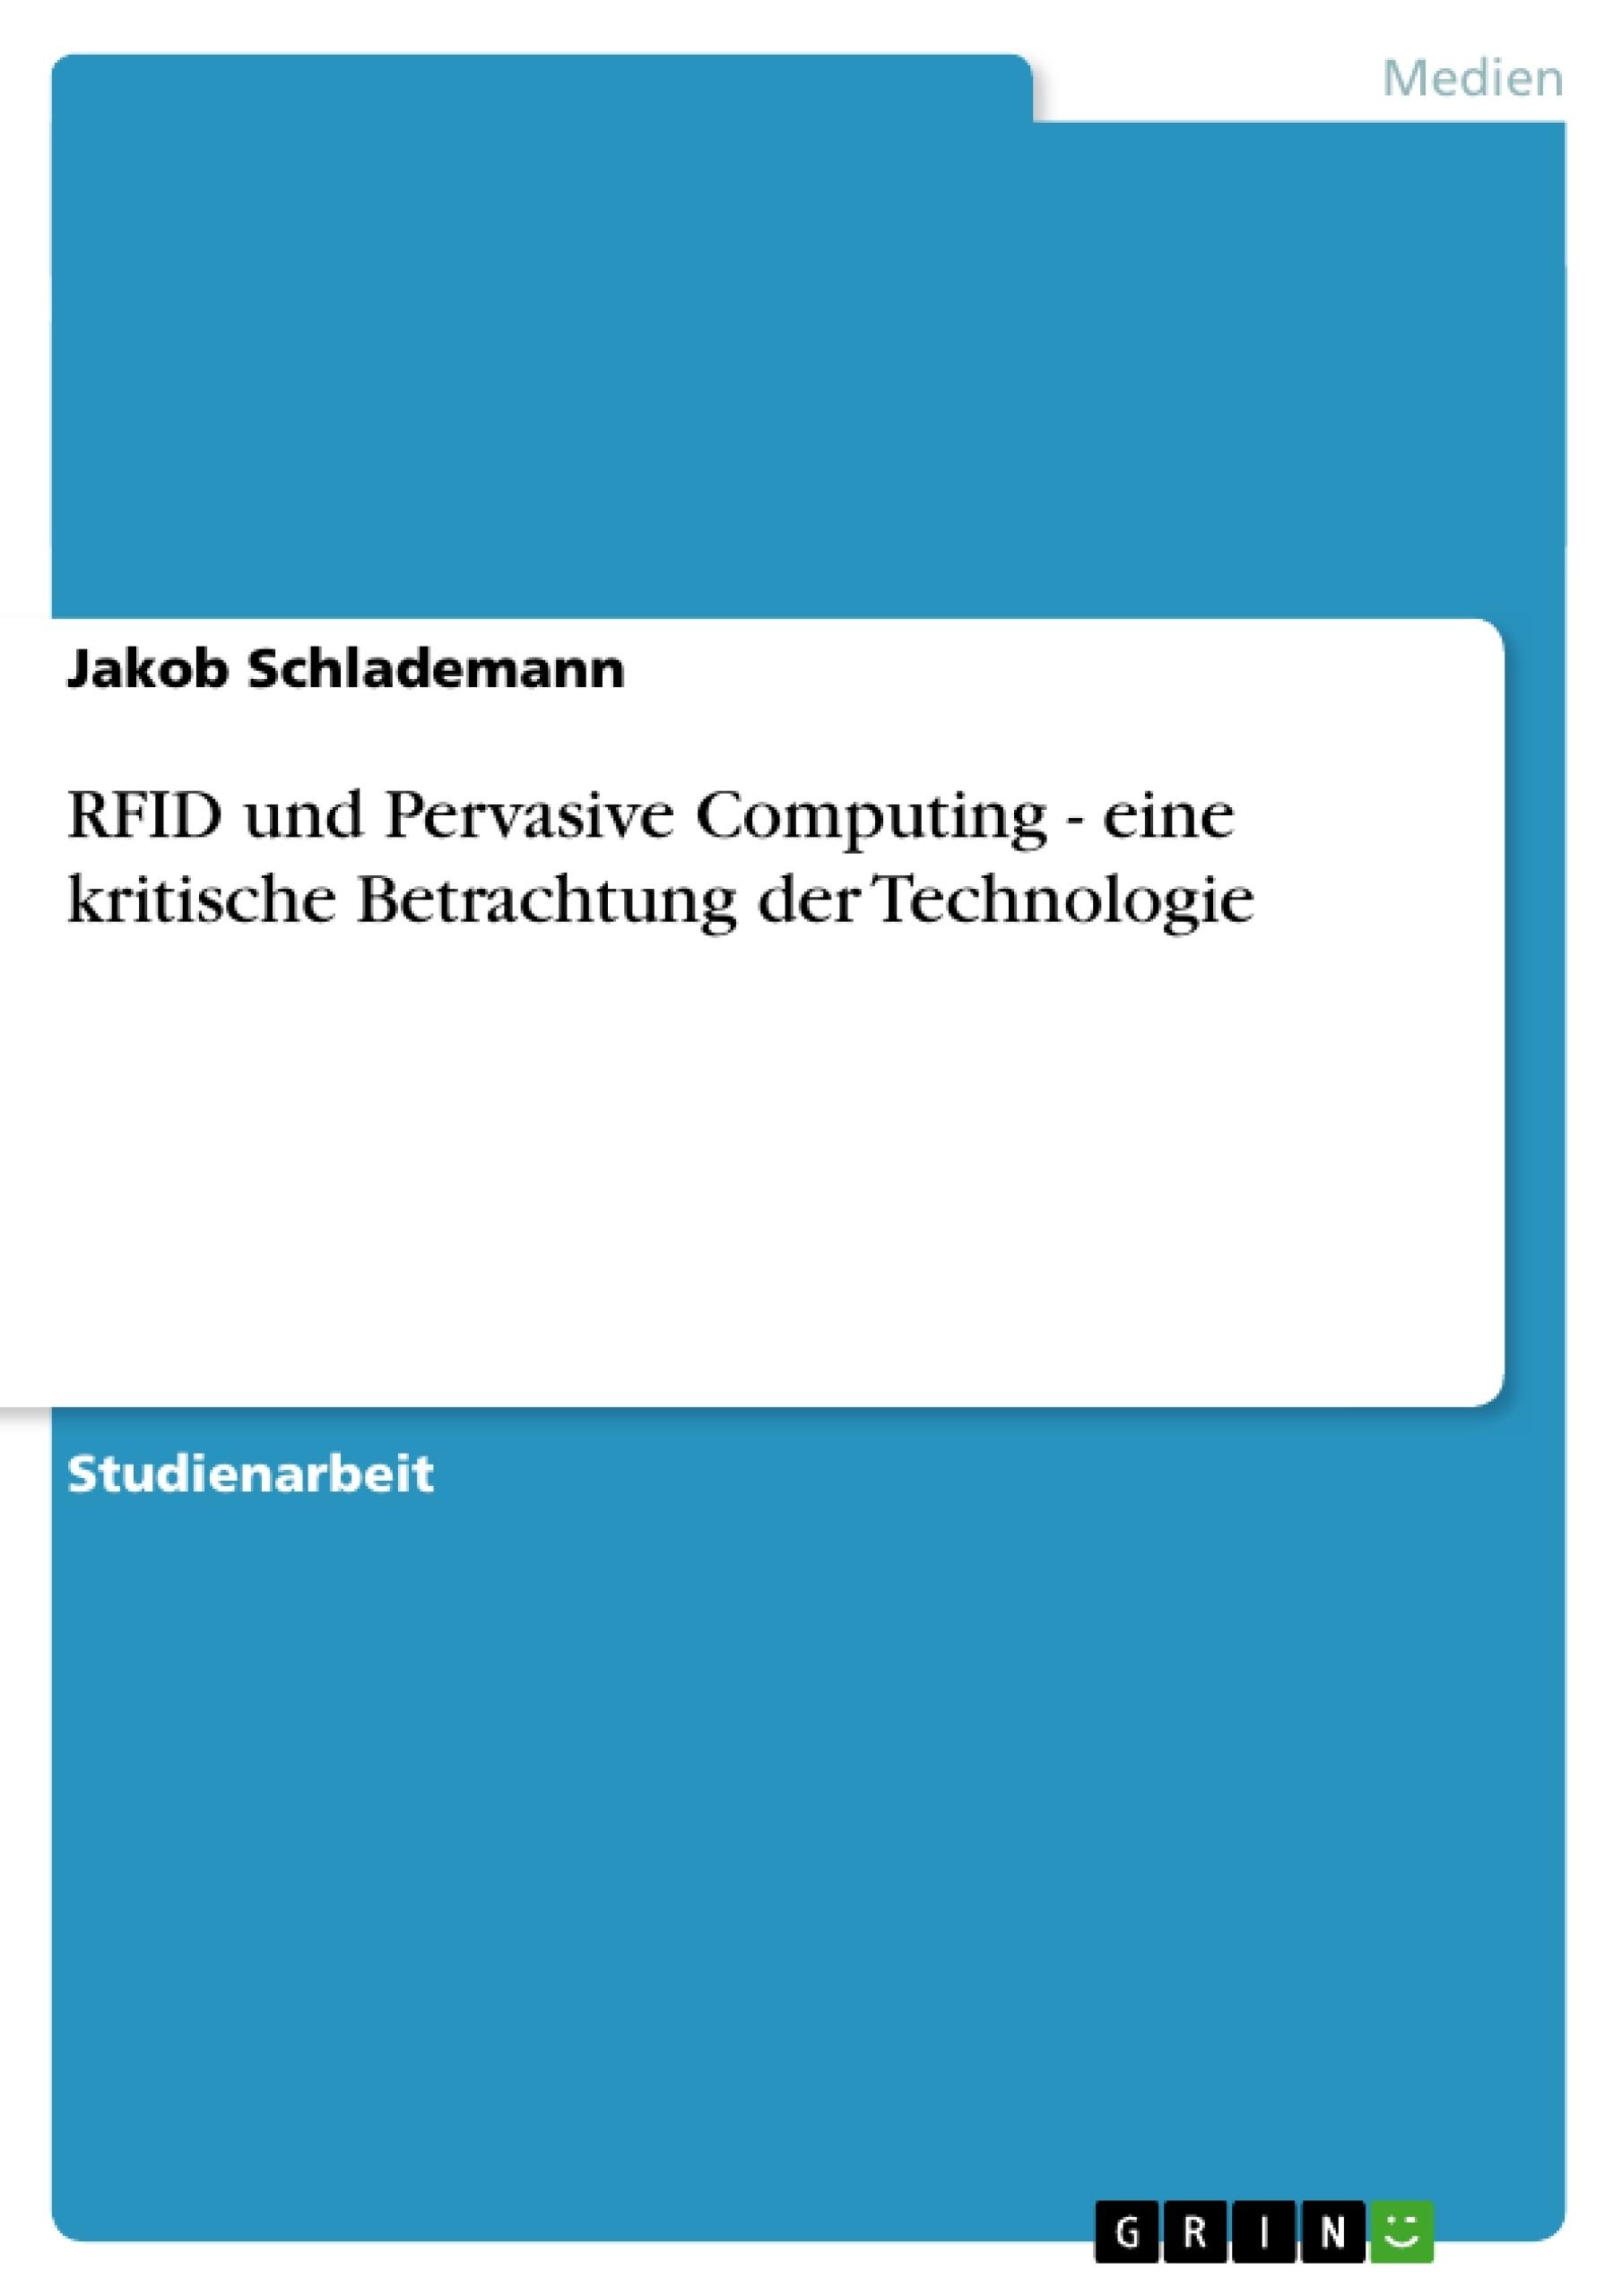 Titel: RFID und Pervasive Computing - eine kritische Betrachtung der Technologie